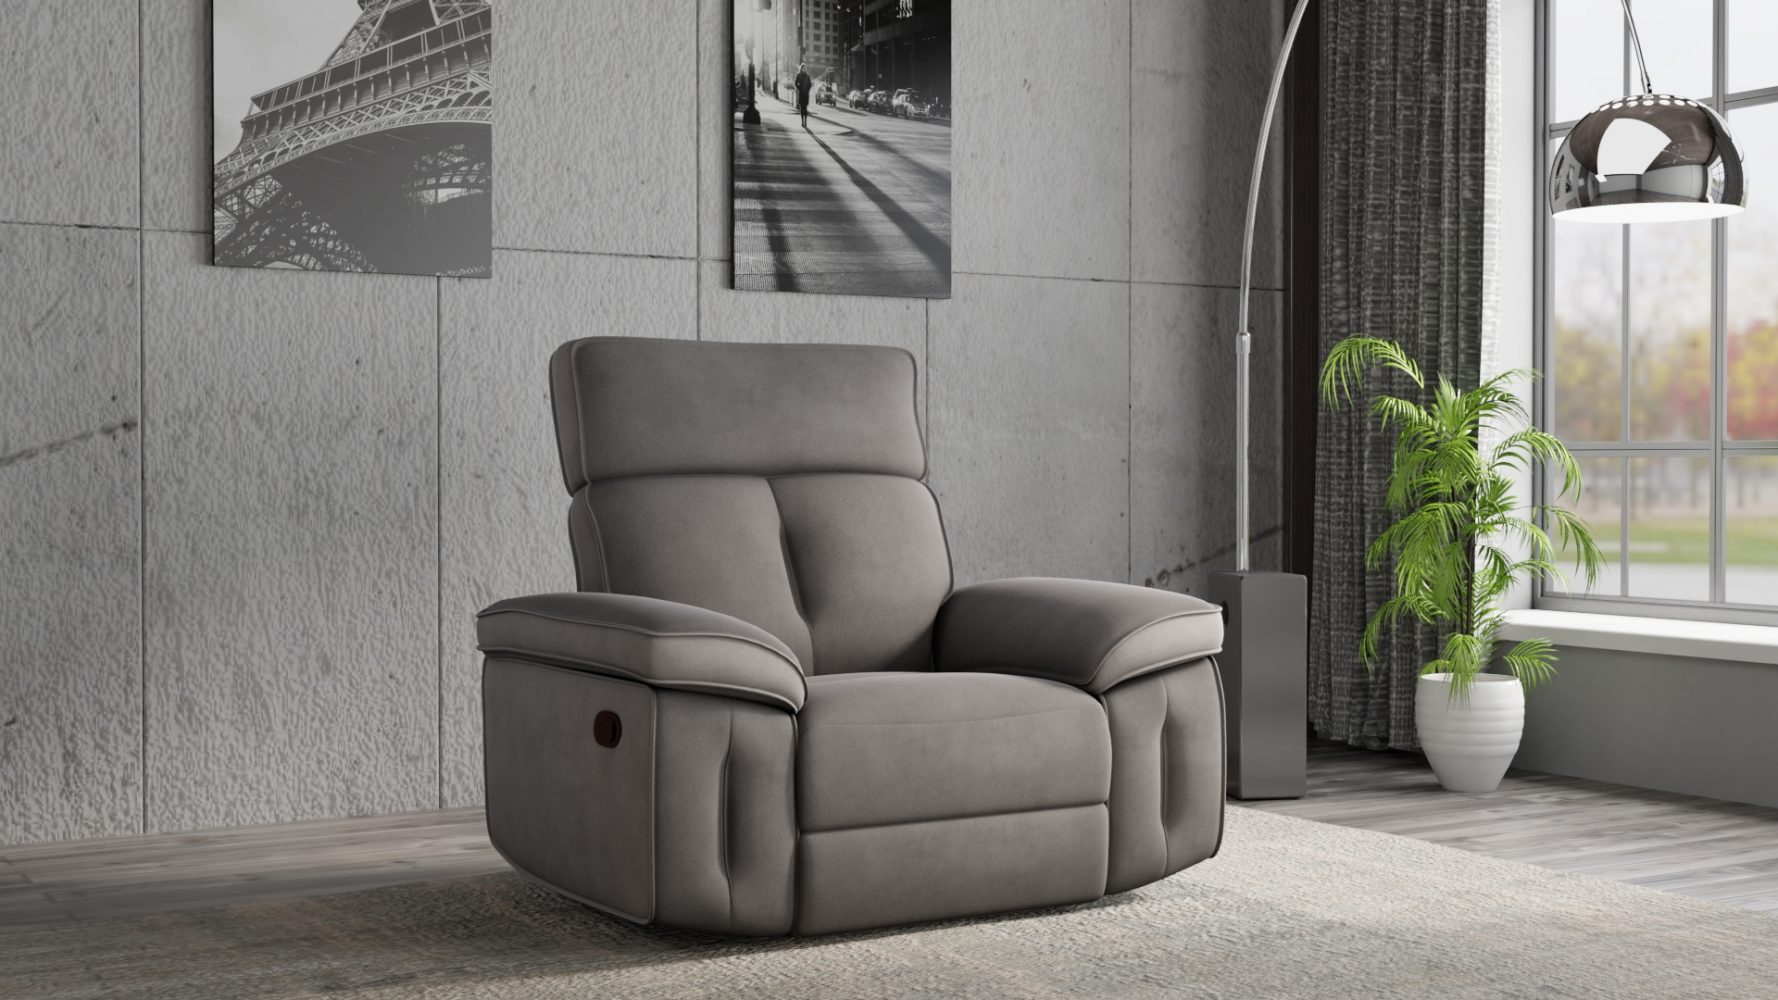 כורסא עם רקליינרים בעיצוב מודרני